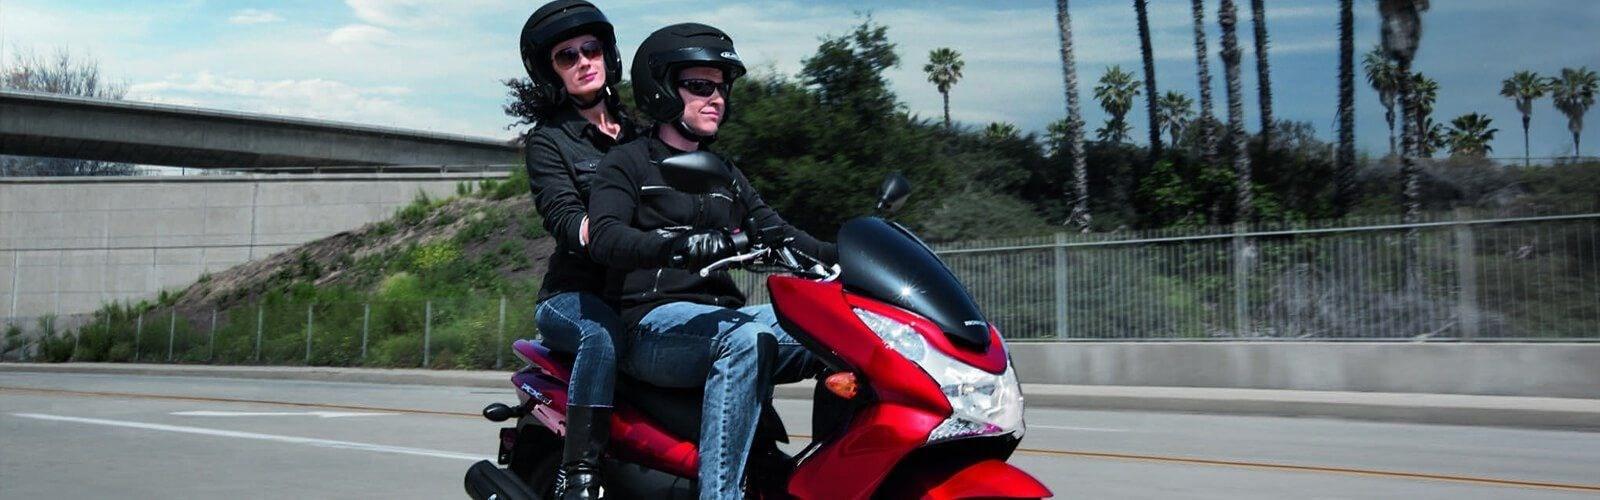 Honda Motorcycle Dealer Grass Valley Ca